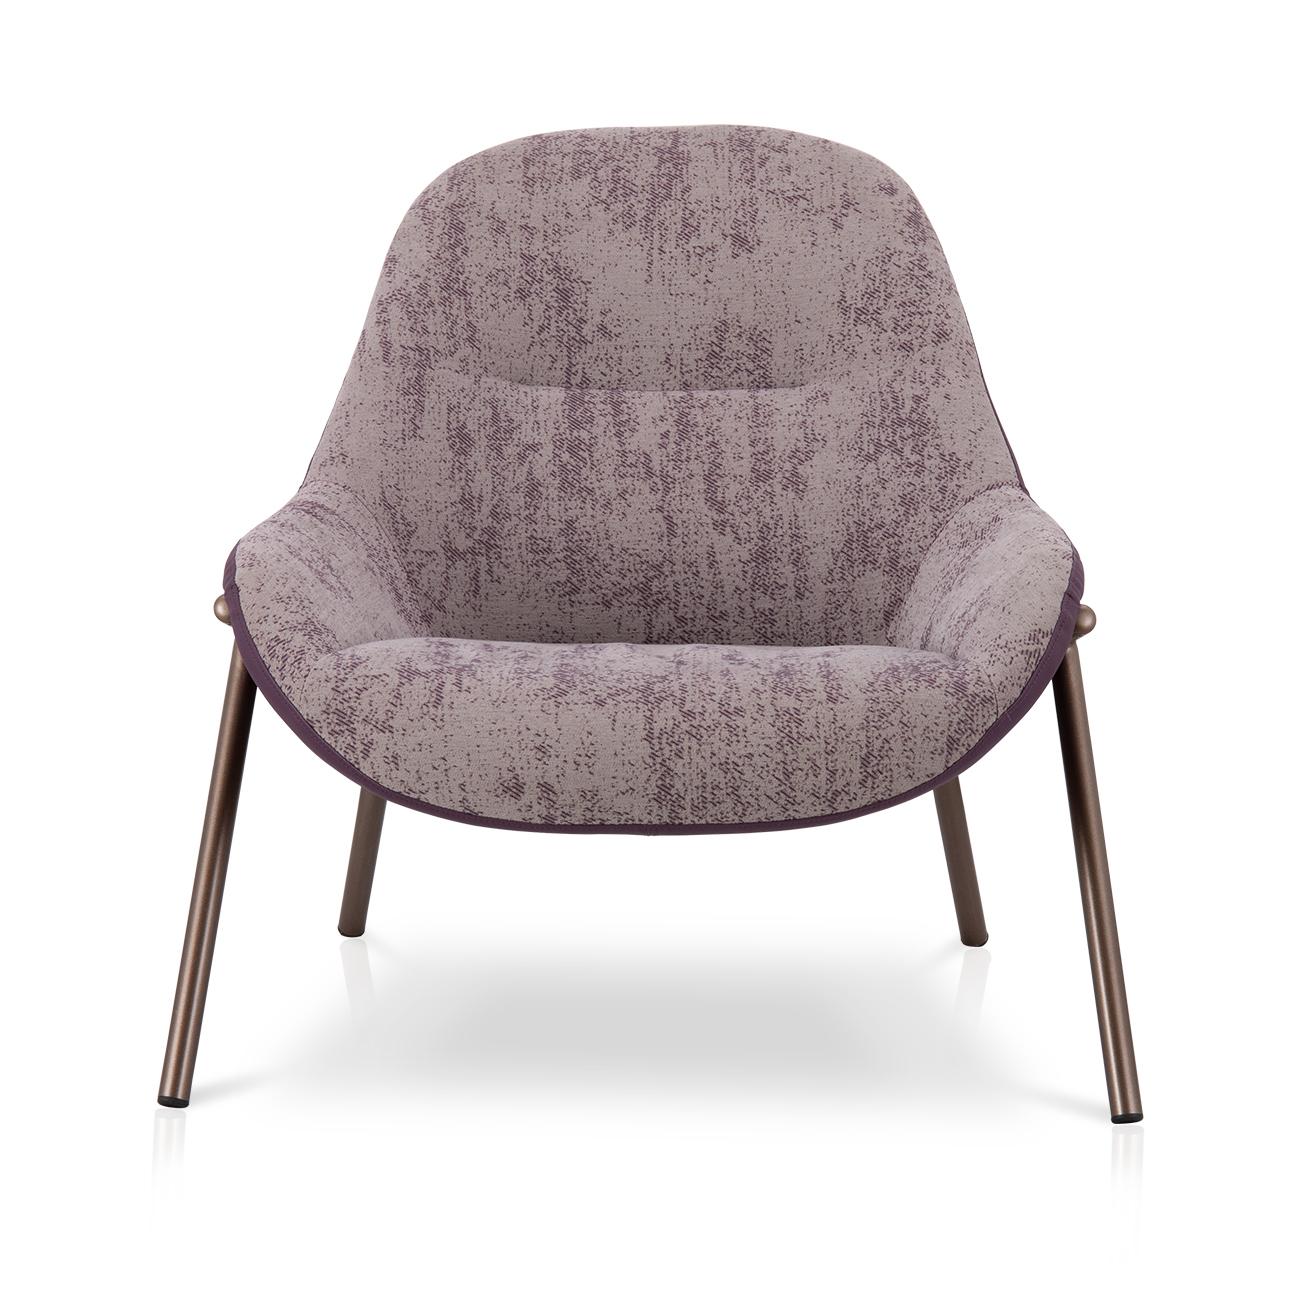 进口棉麻布休闲椅  椅子